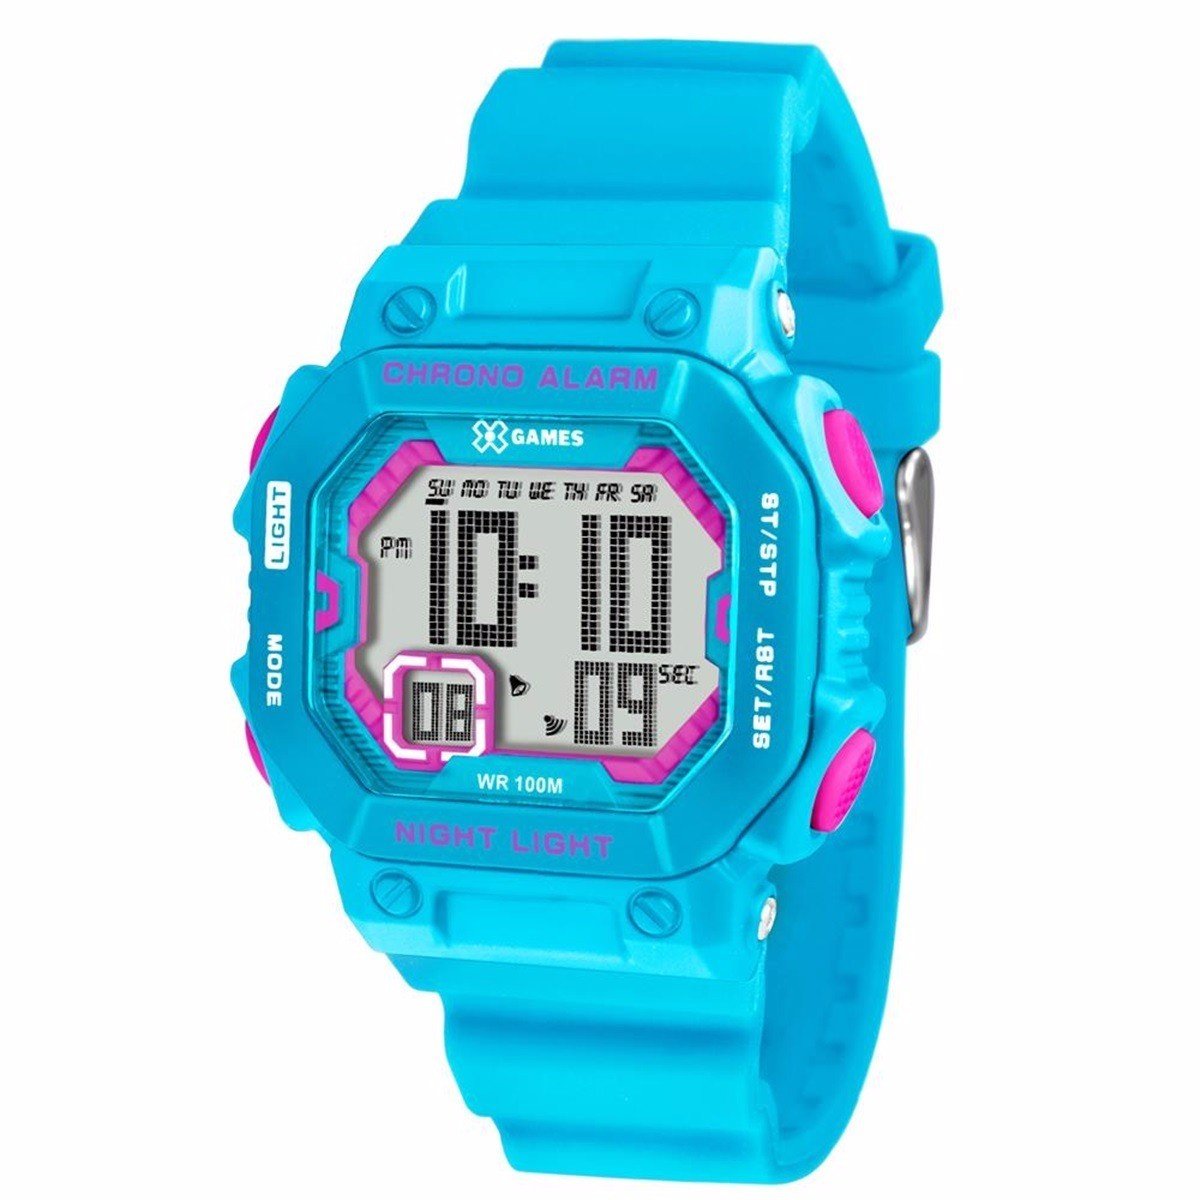 Relógio X-Games Feminino - XKPPD040 BXAX  - Dumont Online - Joias e Relógios